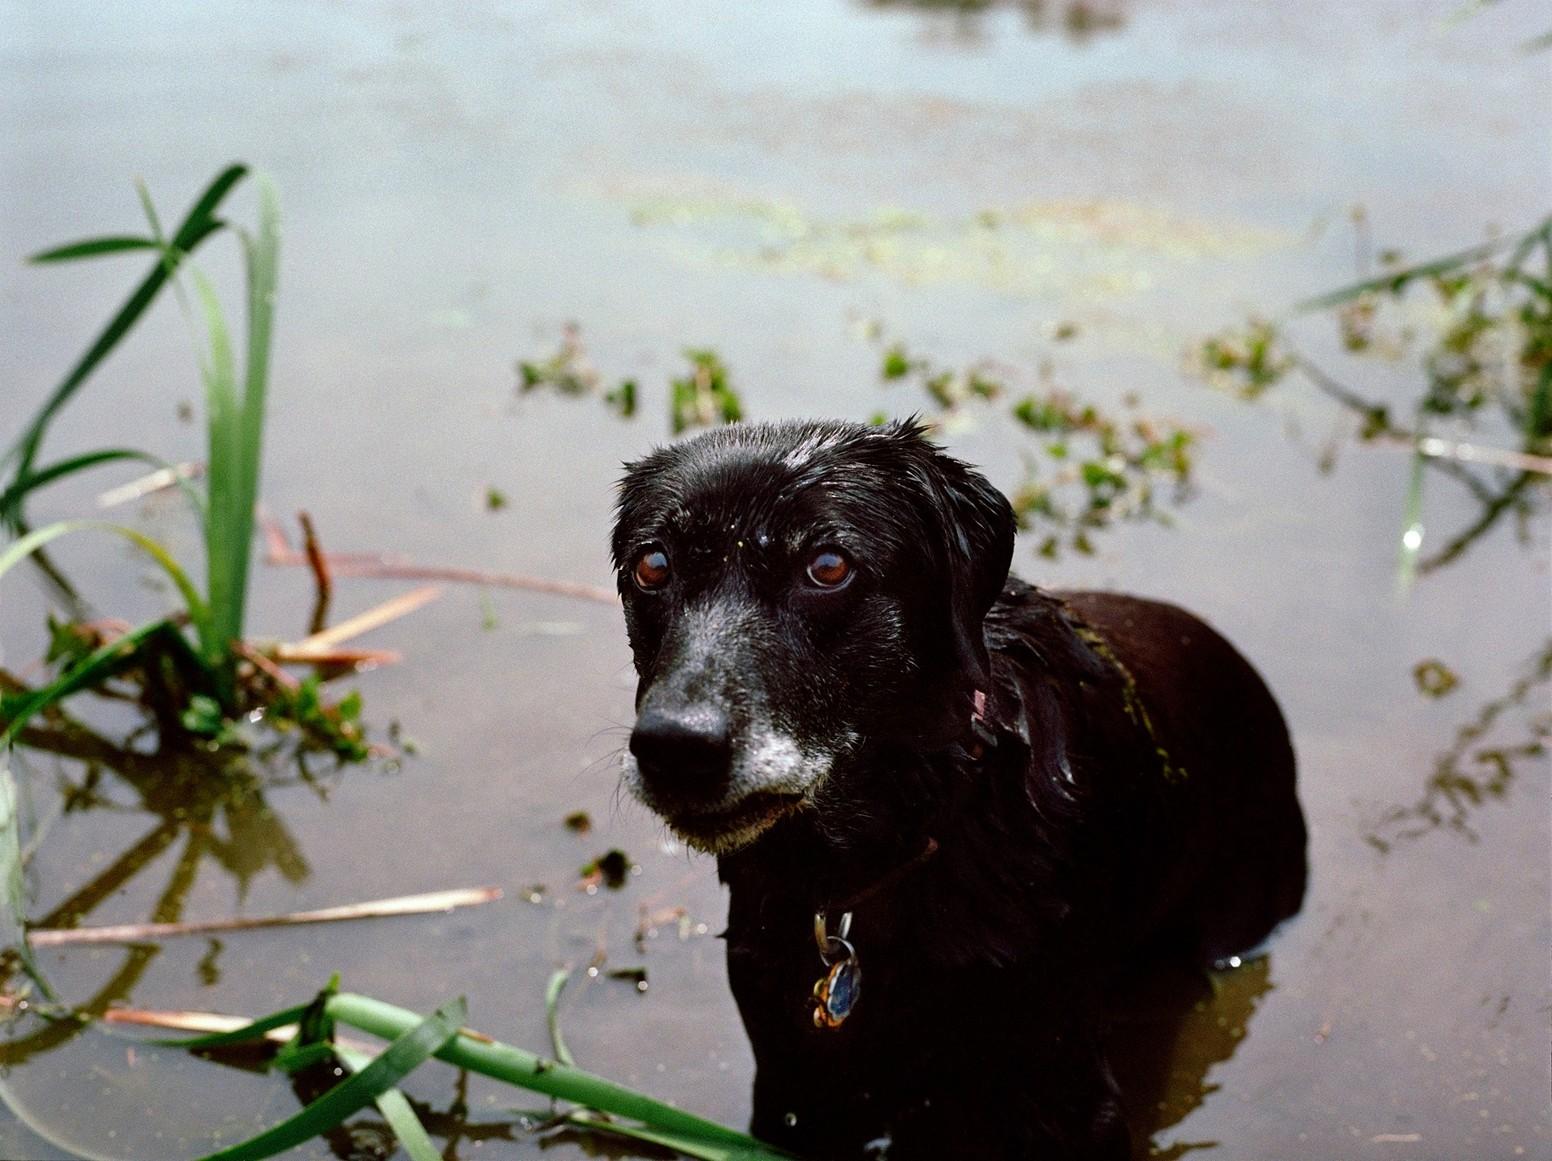 Собака спасатель 11 сентября 2001 года Нью_Йорк